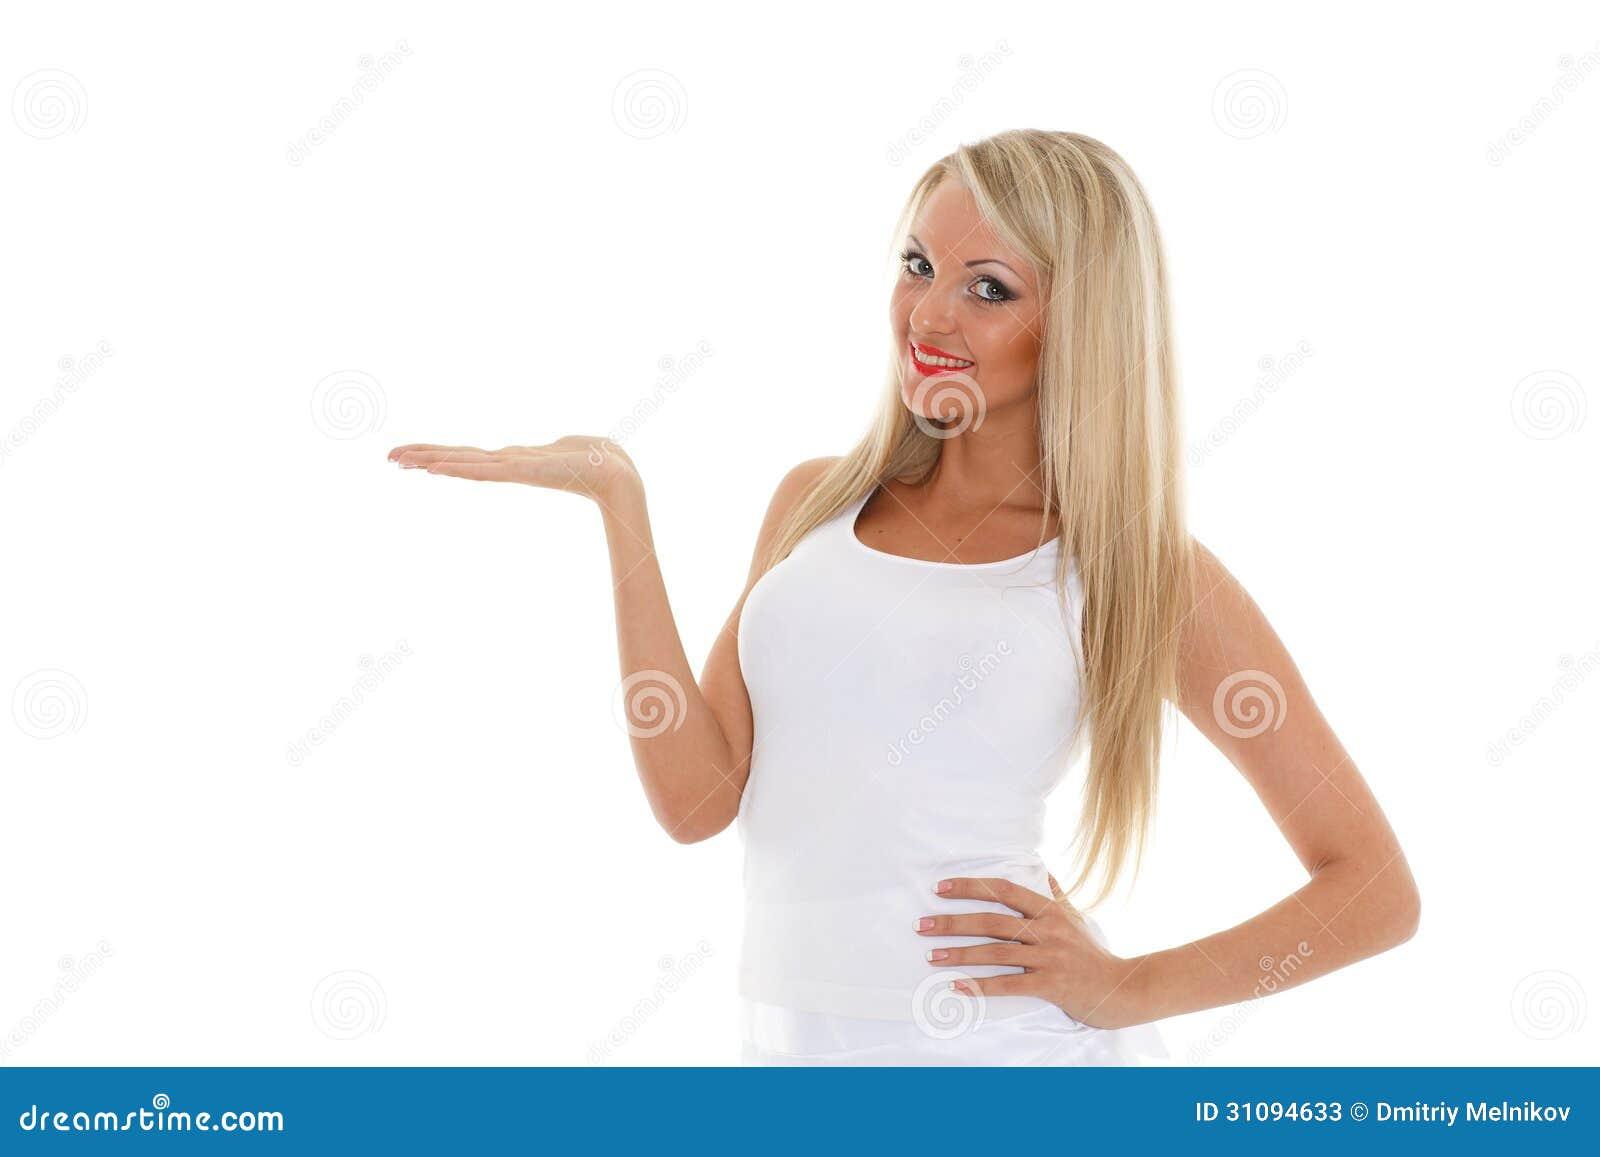 Den blonda kvinnan rymmer ett imaginärt objekt i en hand.